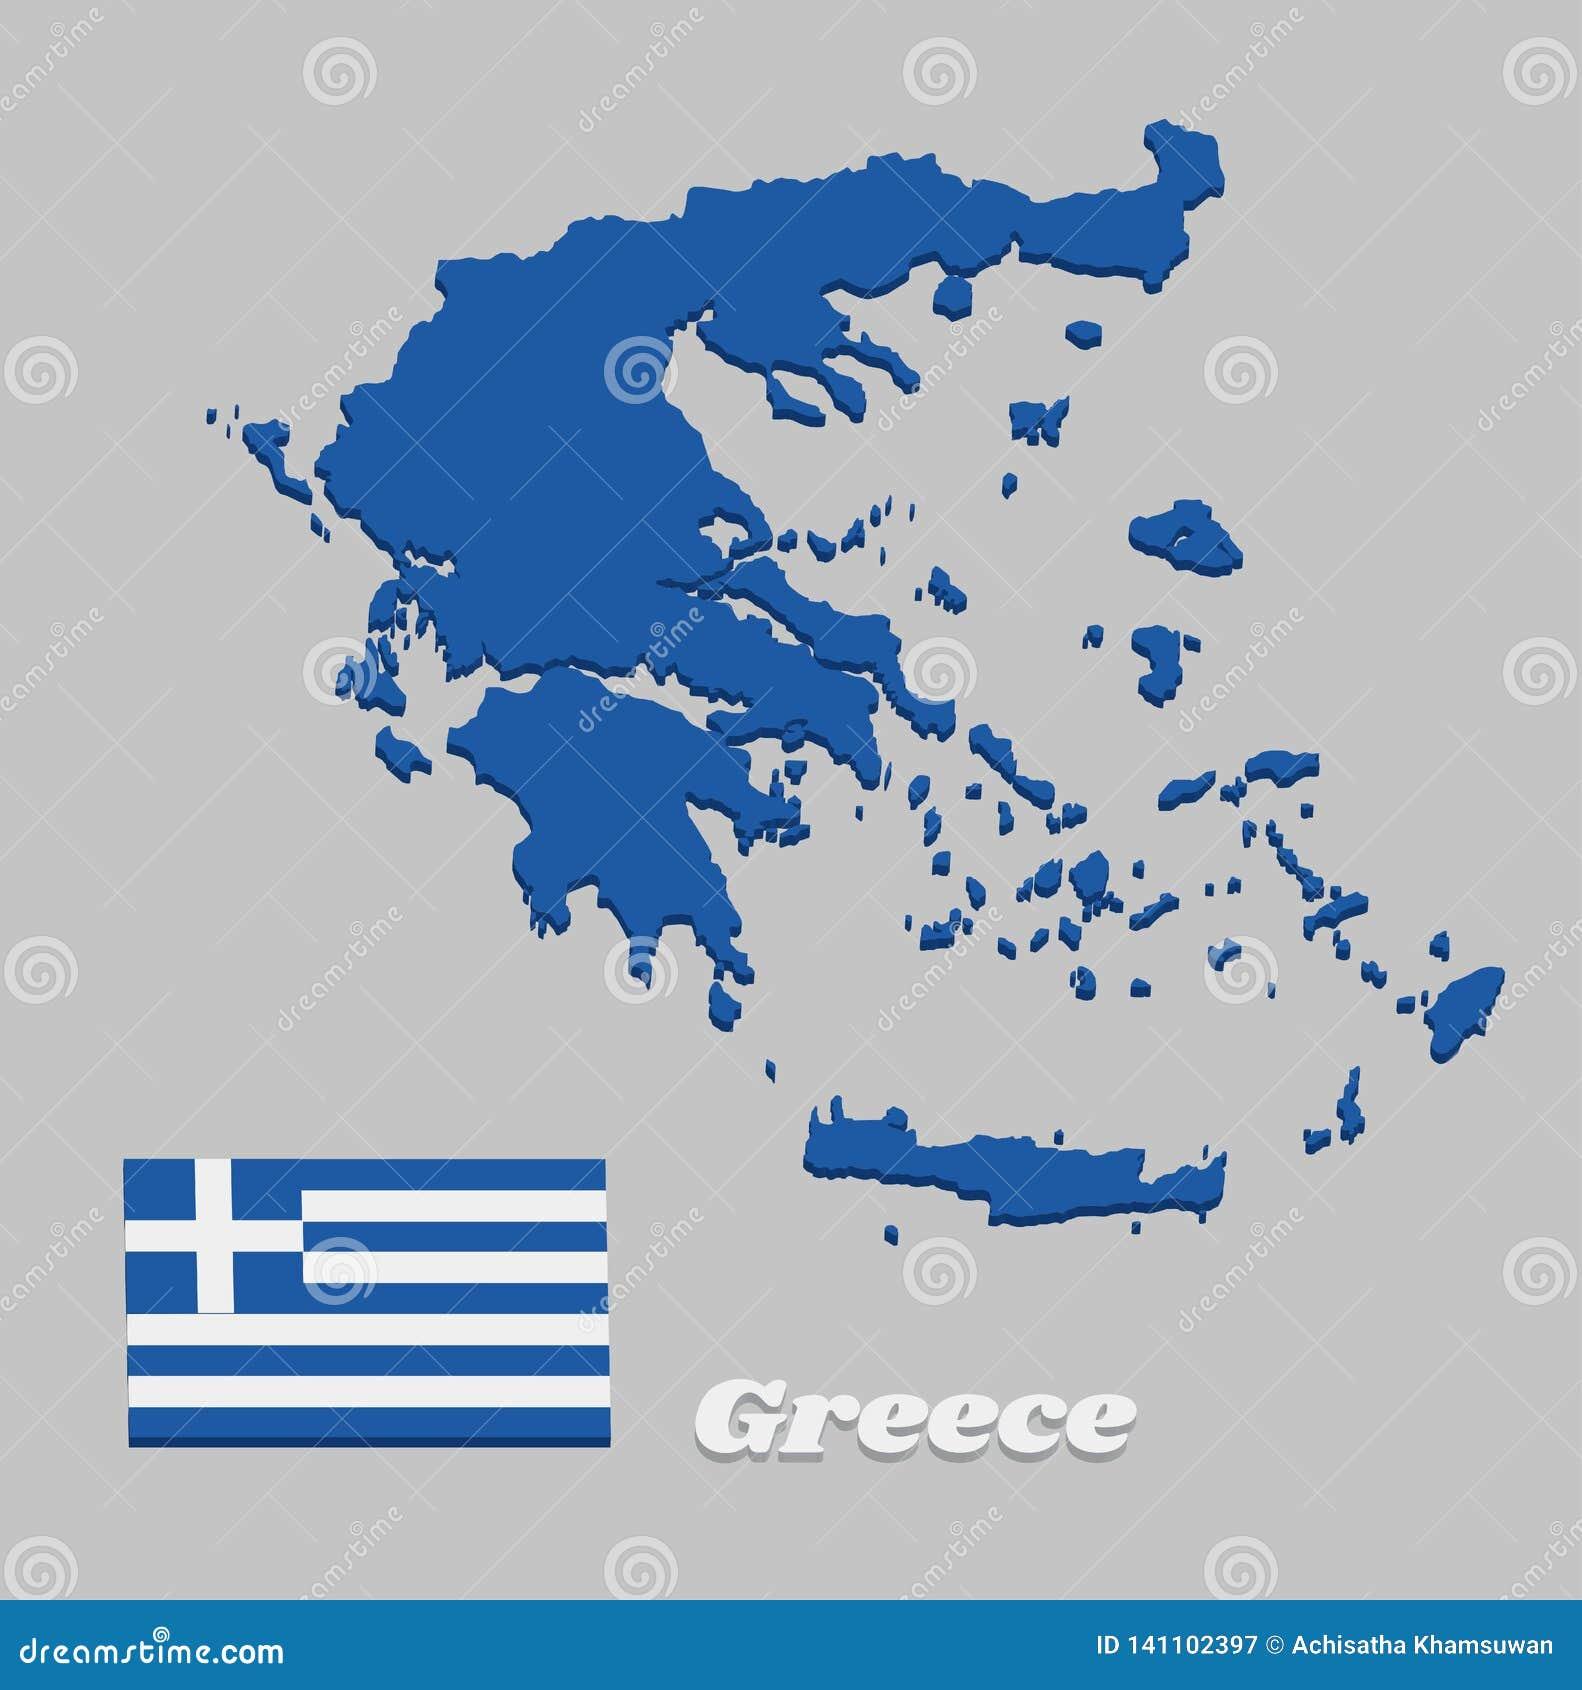 översikt för översikt 3D och flagga av Grekland, nio horisontalband, i sin tur blått och vitt; ett vitt kors på ett blått fyrkant